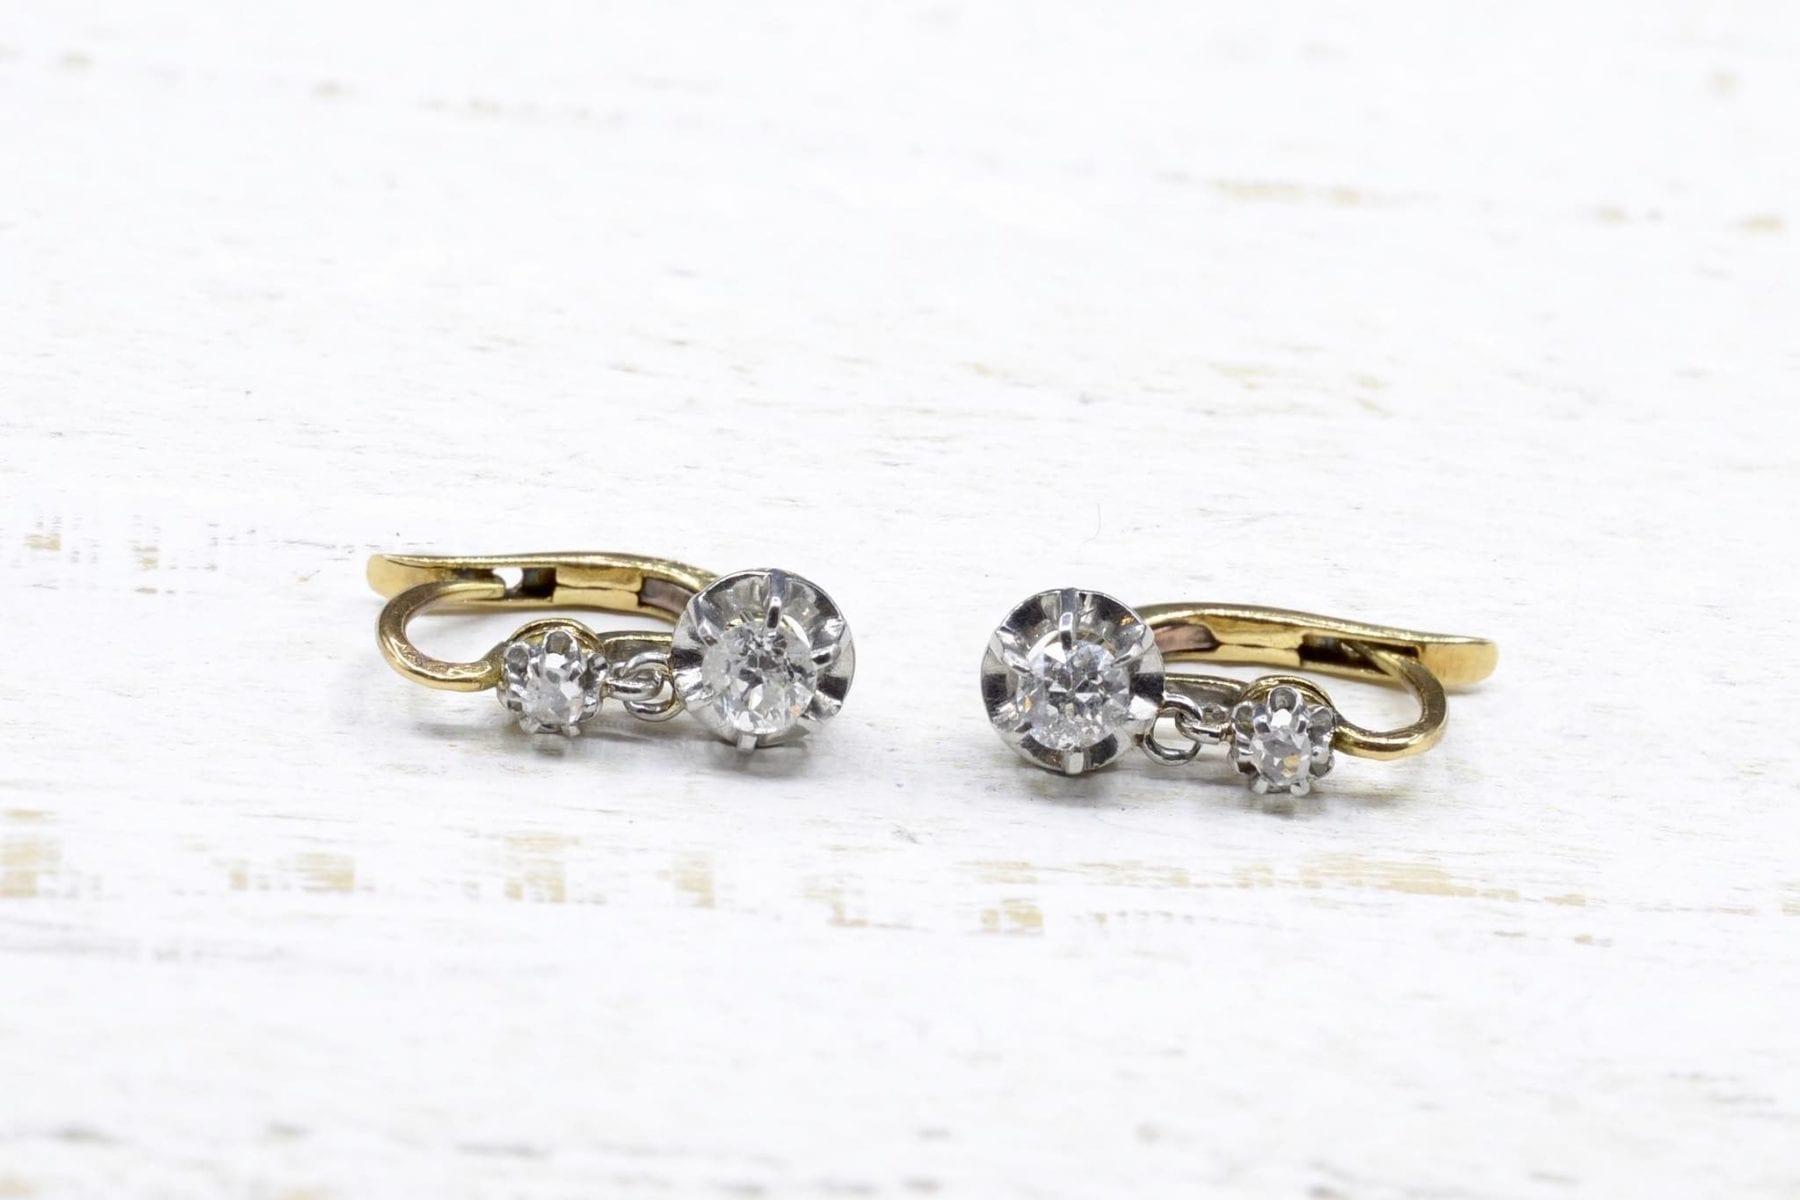 Boucles d'oreilles dormeuses diamants Or jaune 18k et platine